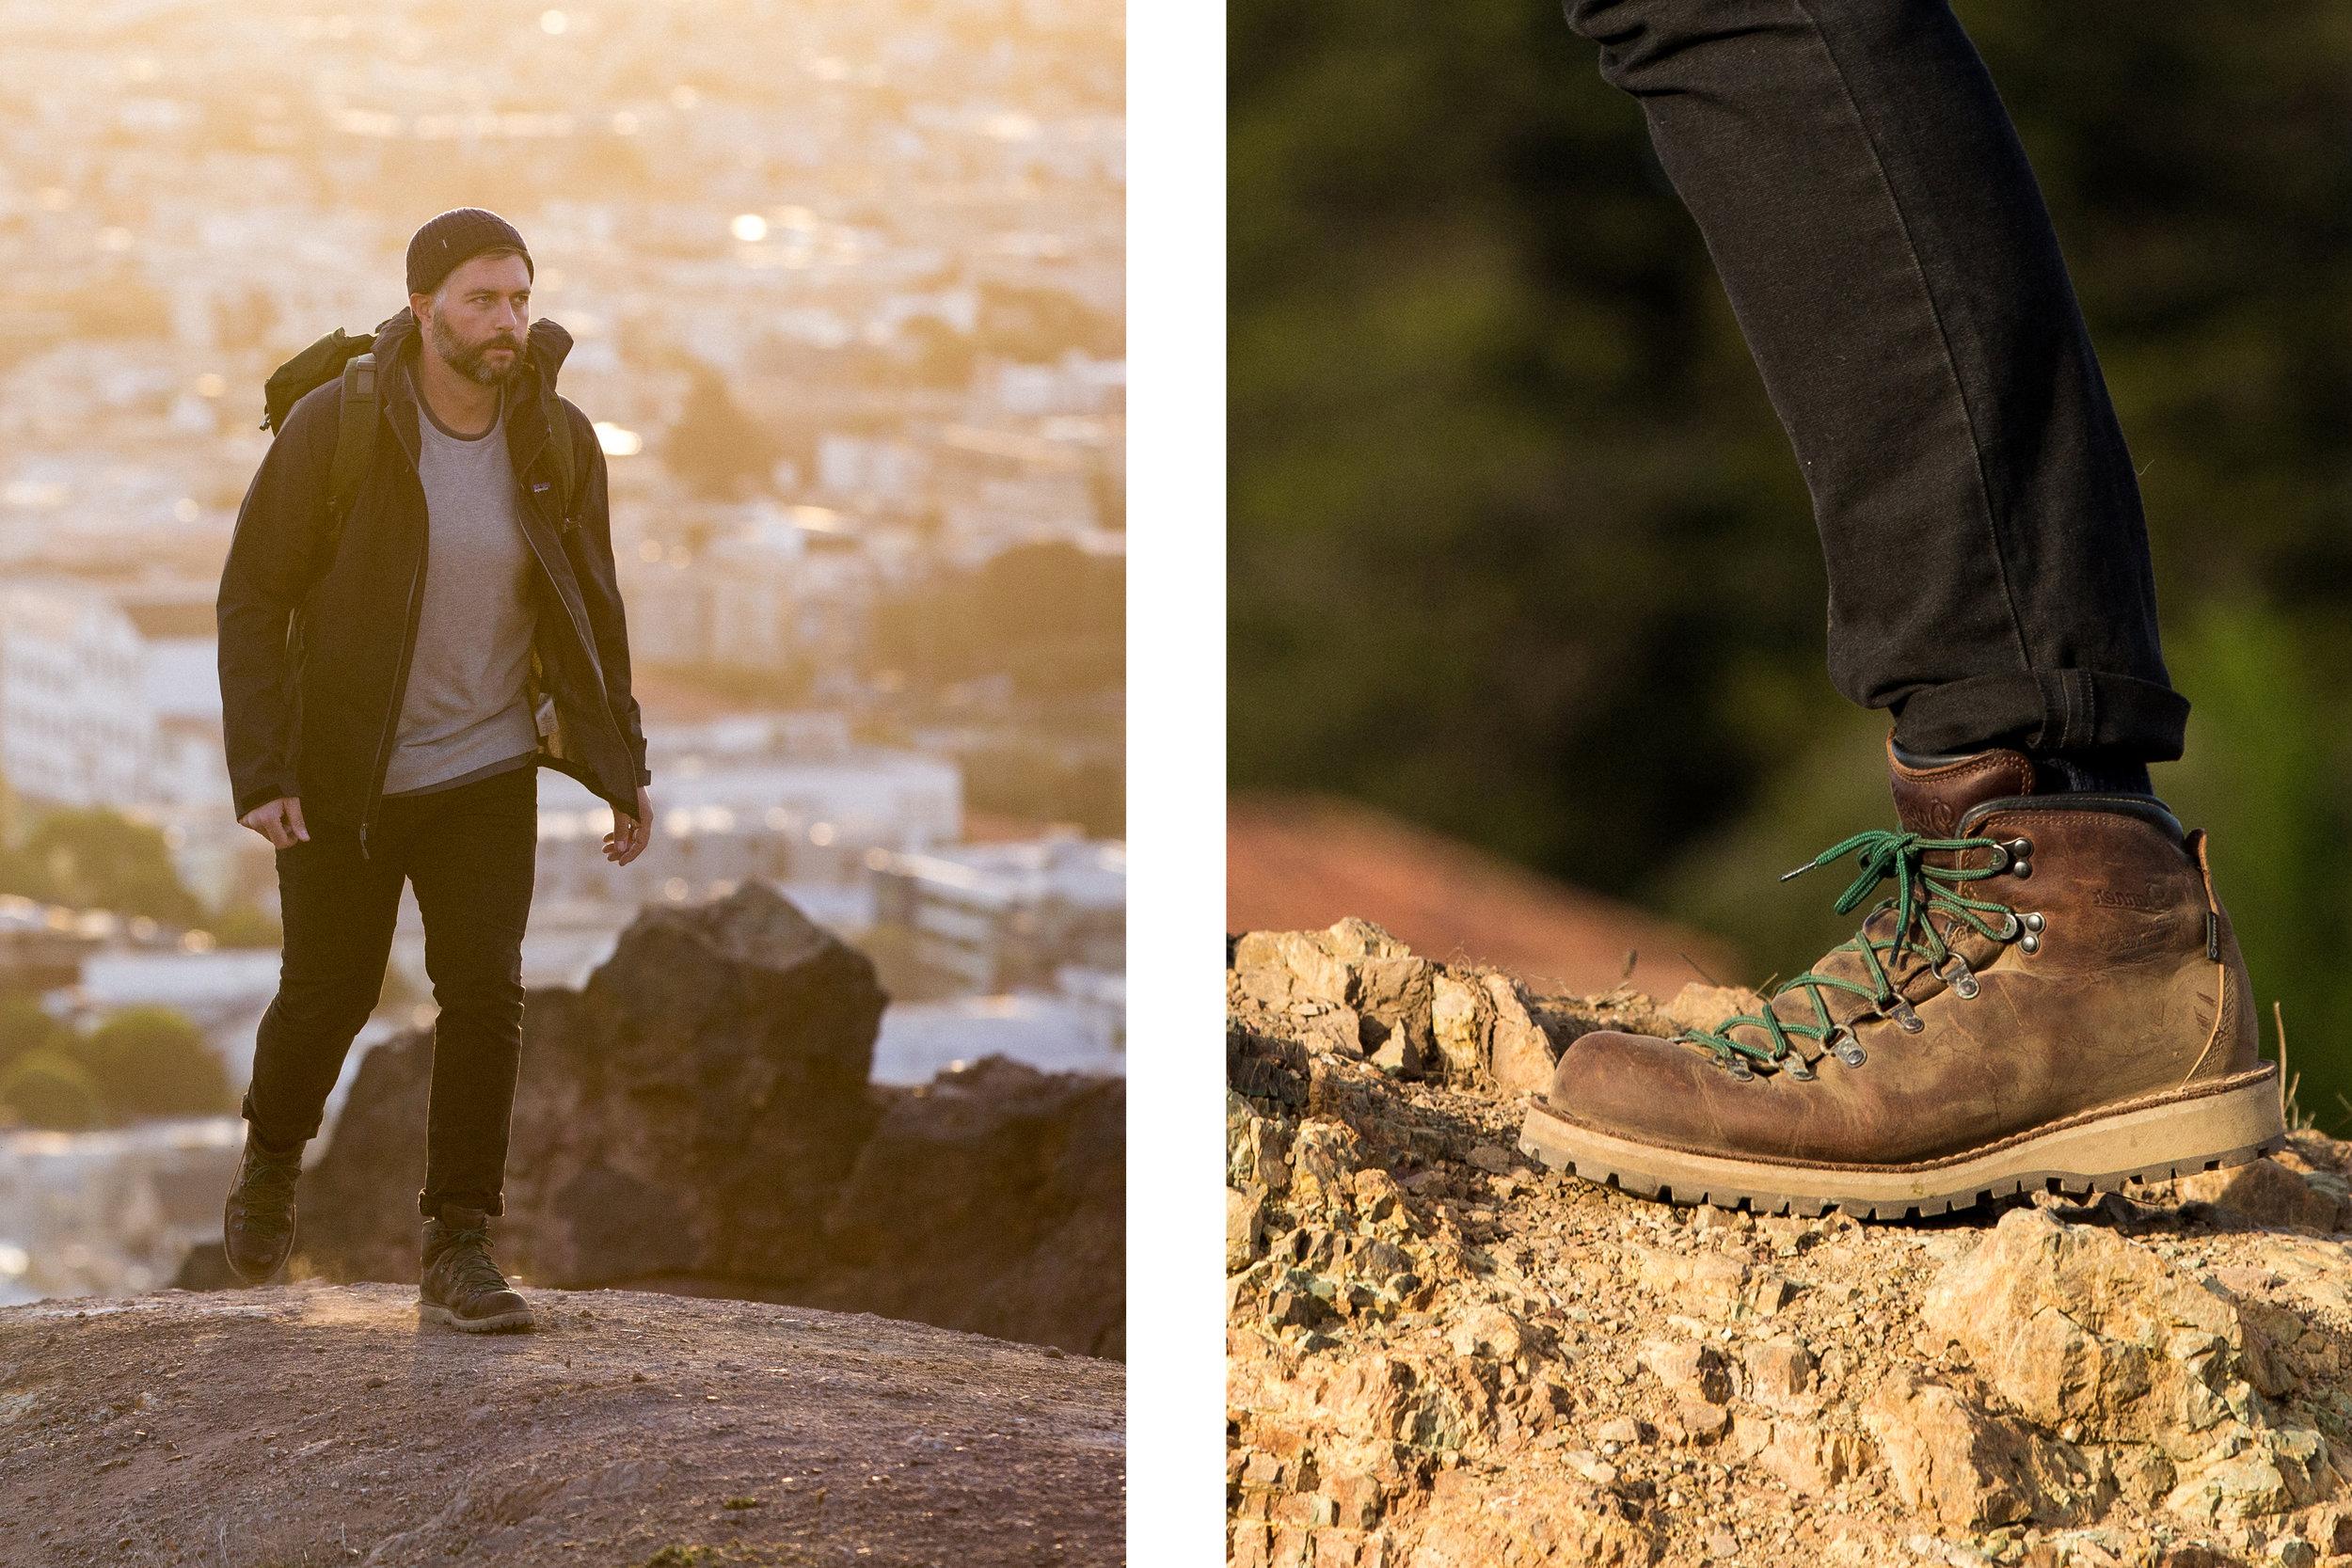 Exclusive_Boots_of_Huckberry_Danner_Photo.jpg